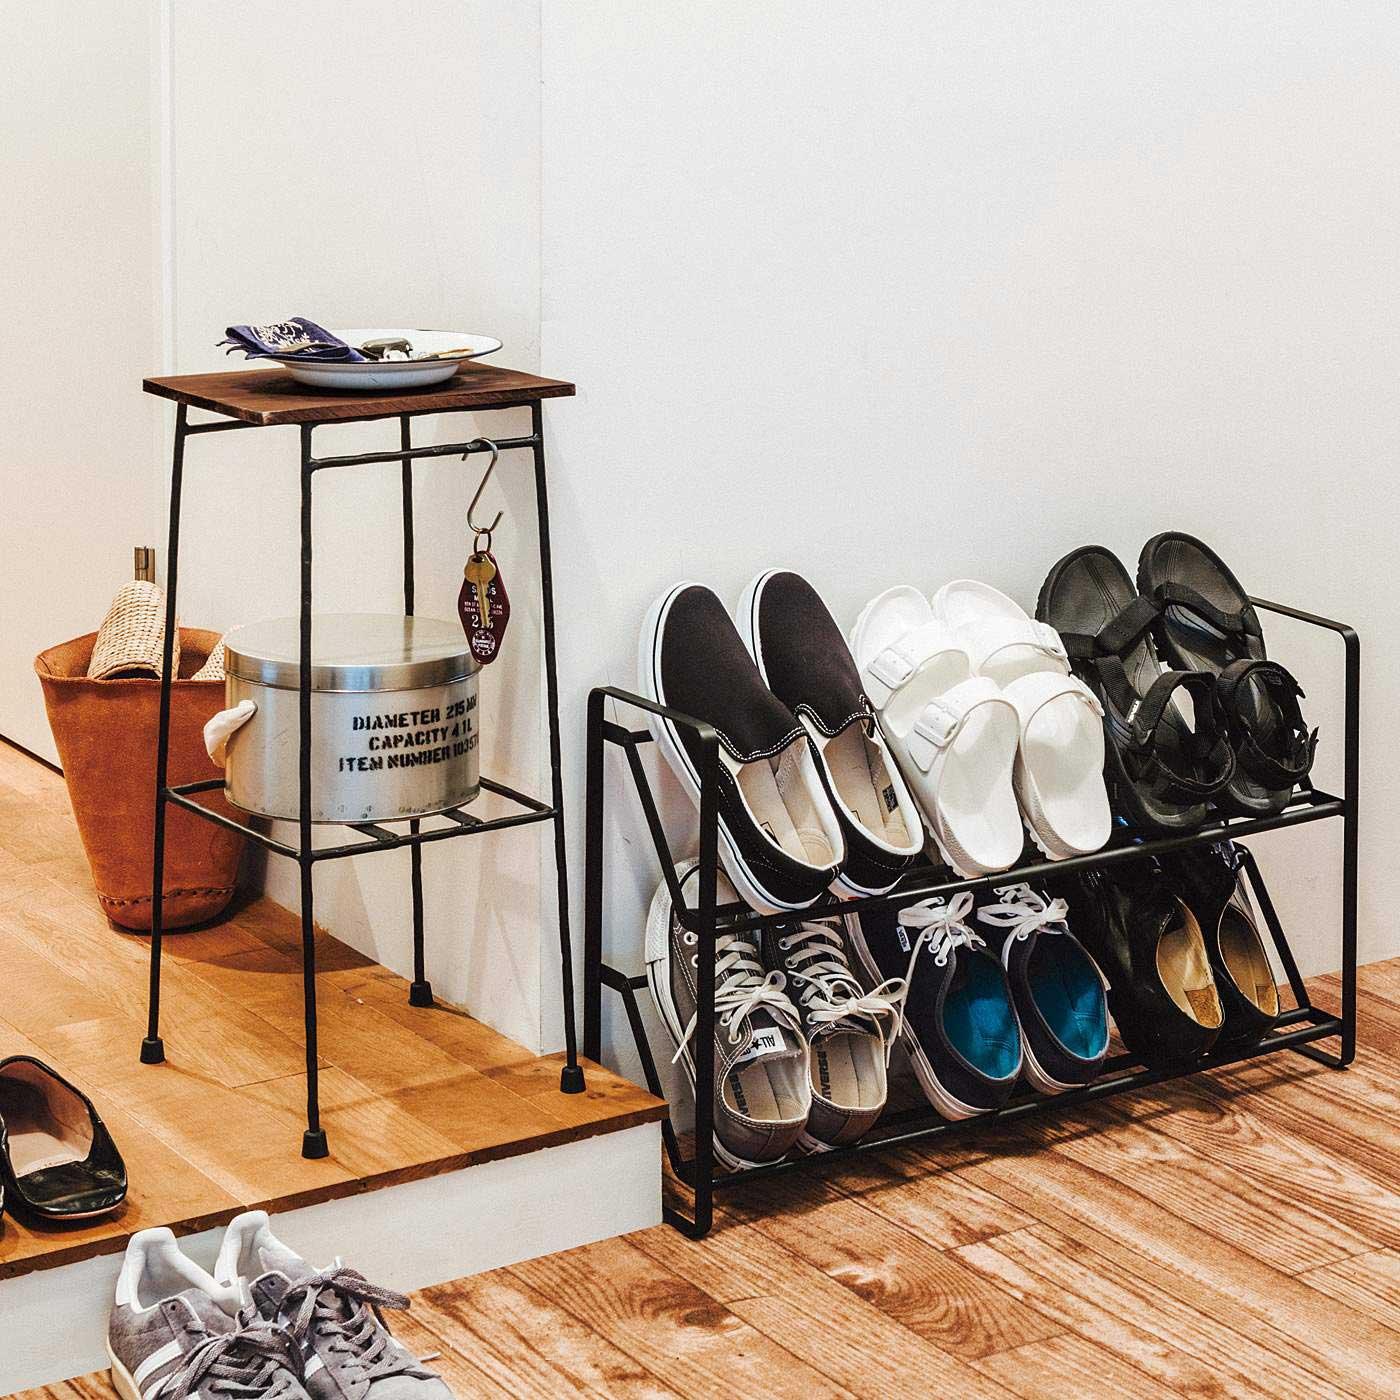 いつもきれいにしておきたい玄関。カギやハンカチなどのお出かけグッズと靴は、指定席を決めておきましょう。